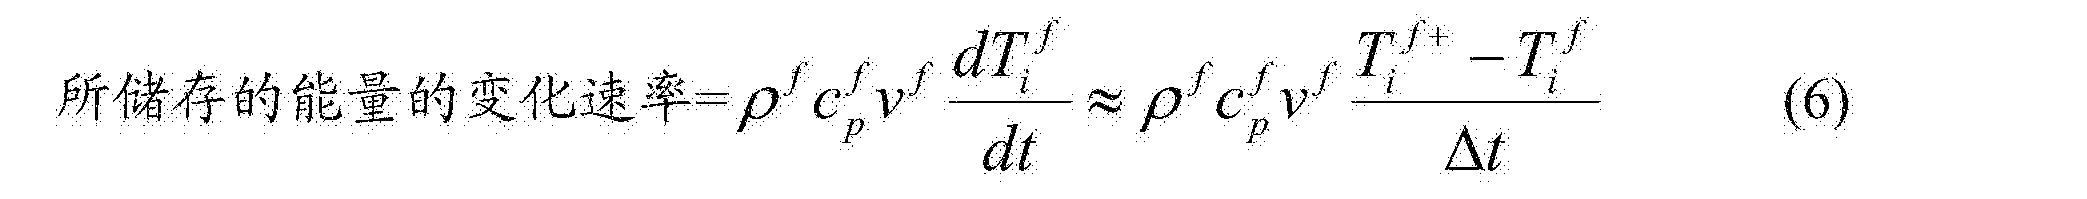 Figure CN104137105BD00171